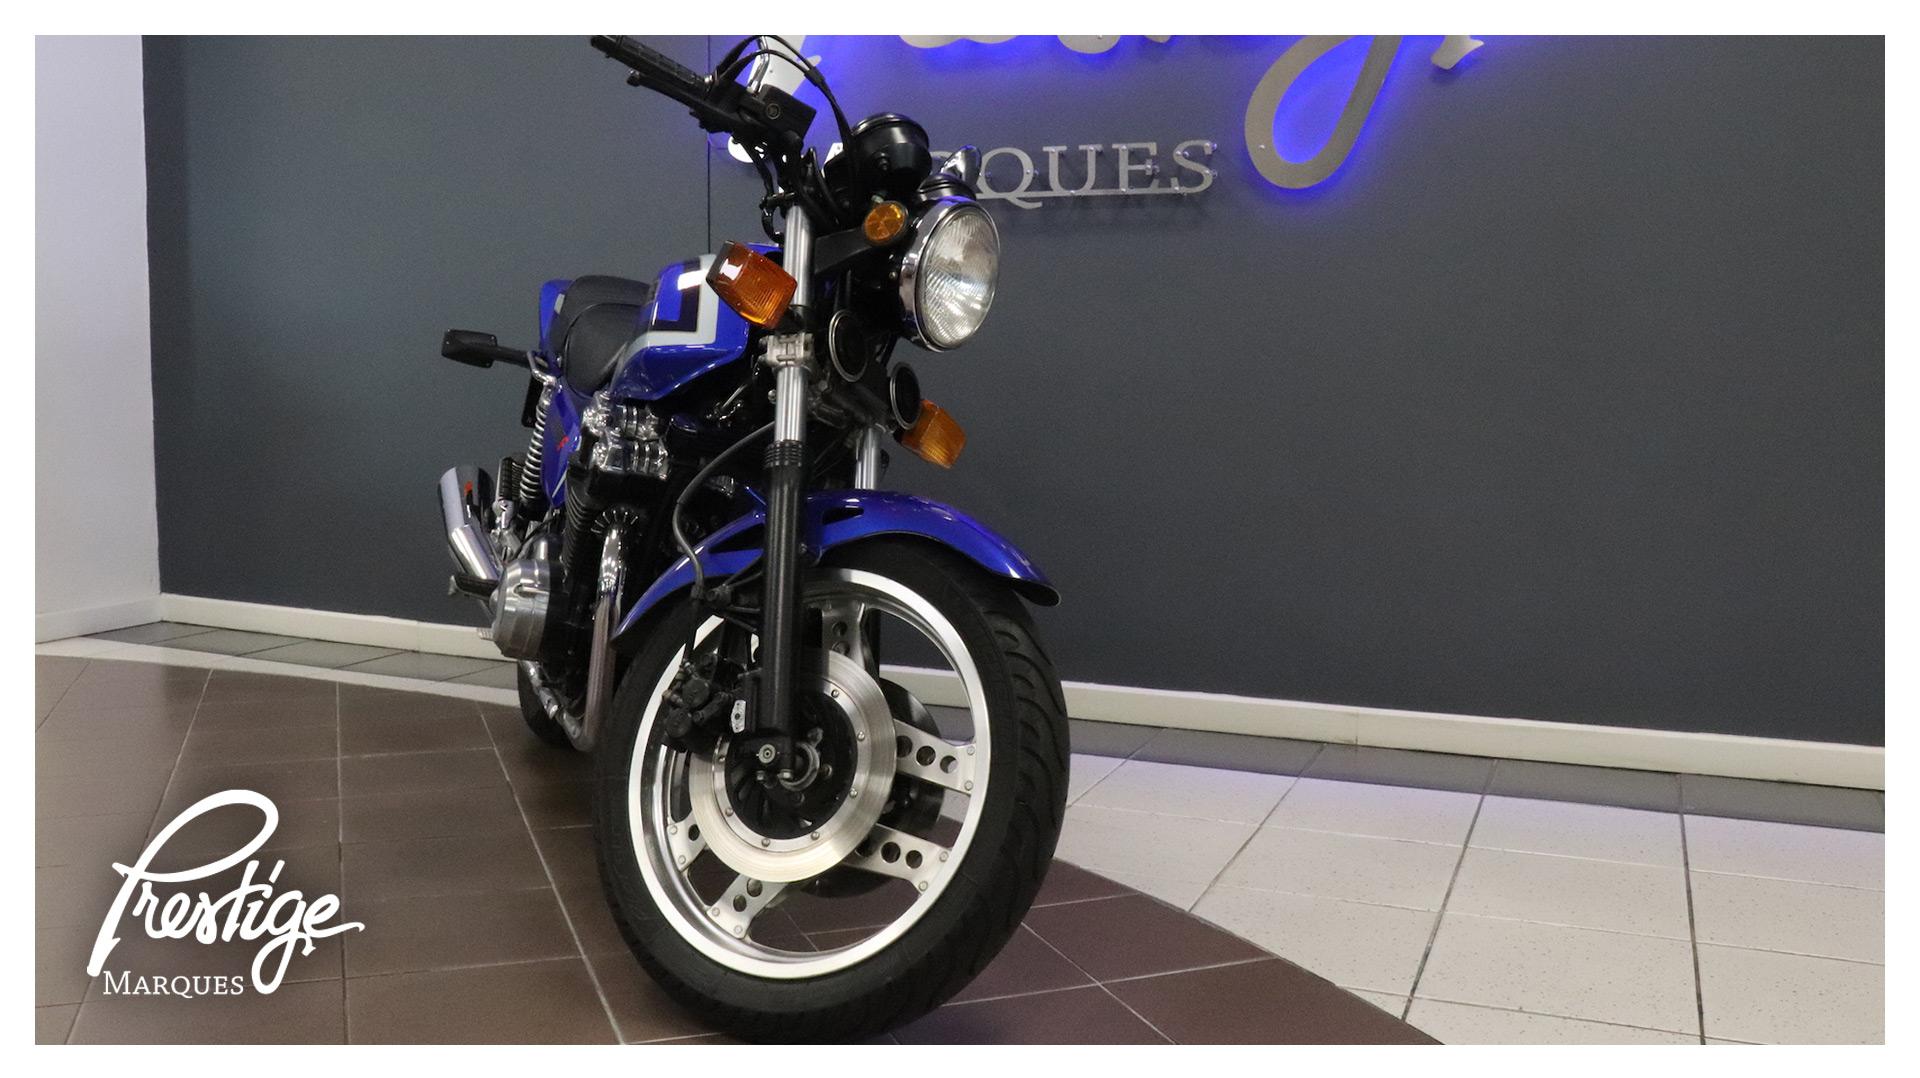 Prestige-Marques-Honda-CBF-900-1